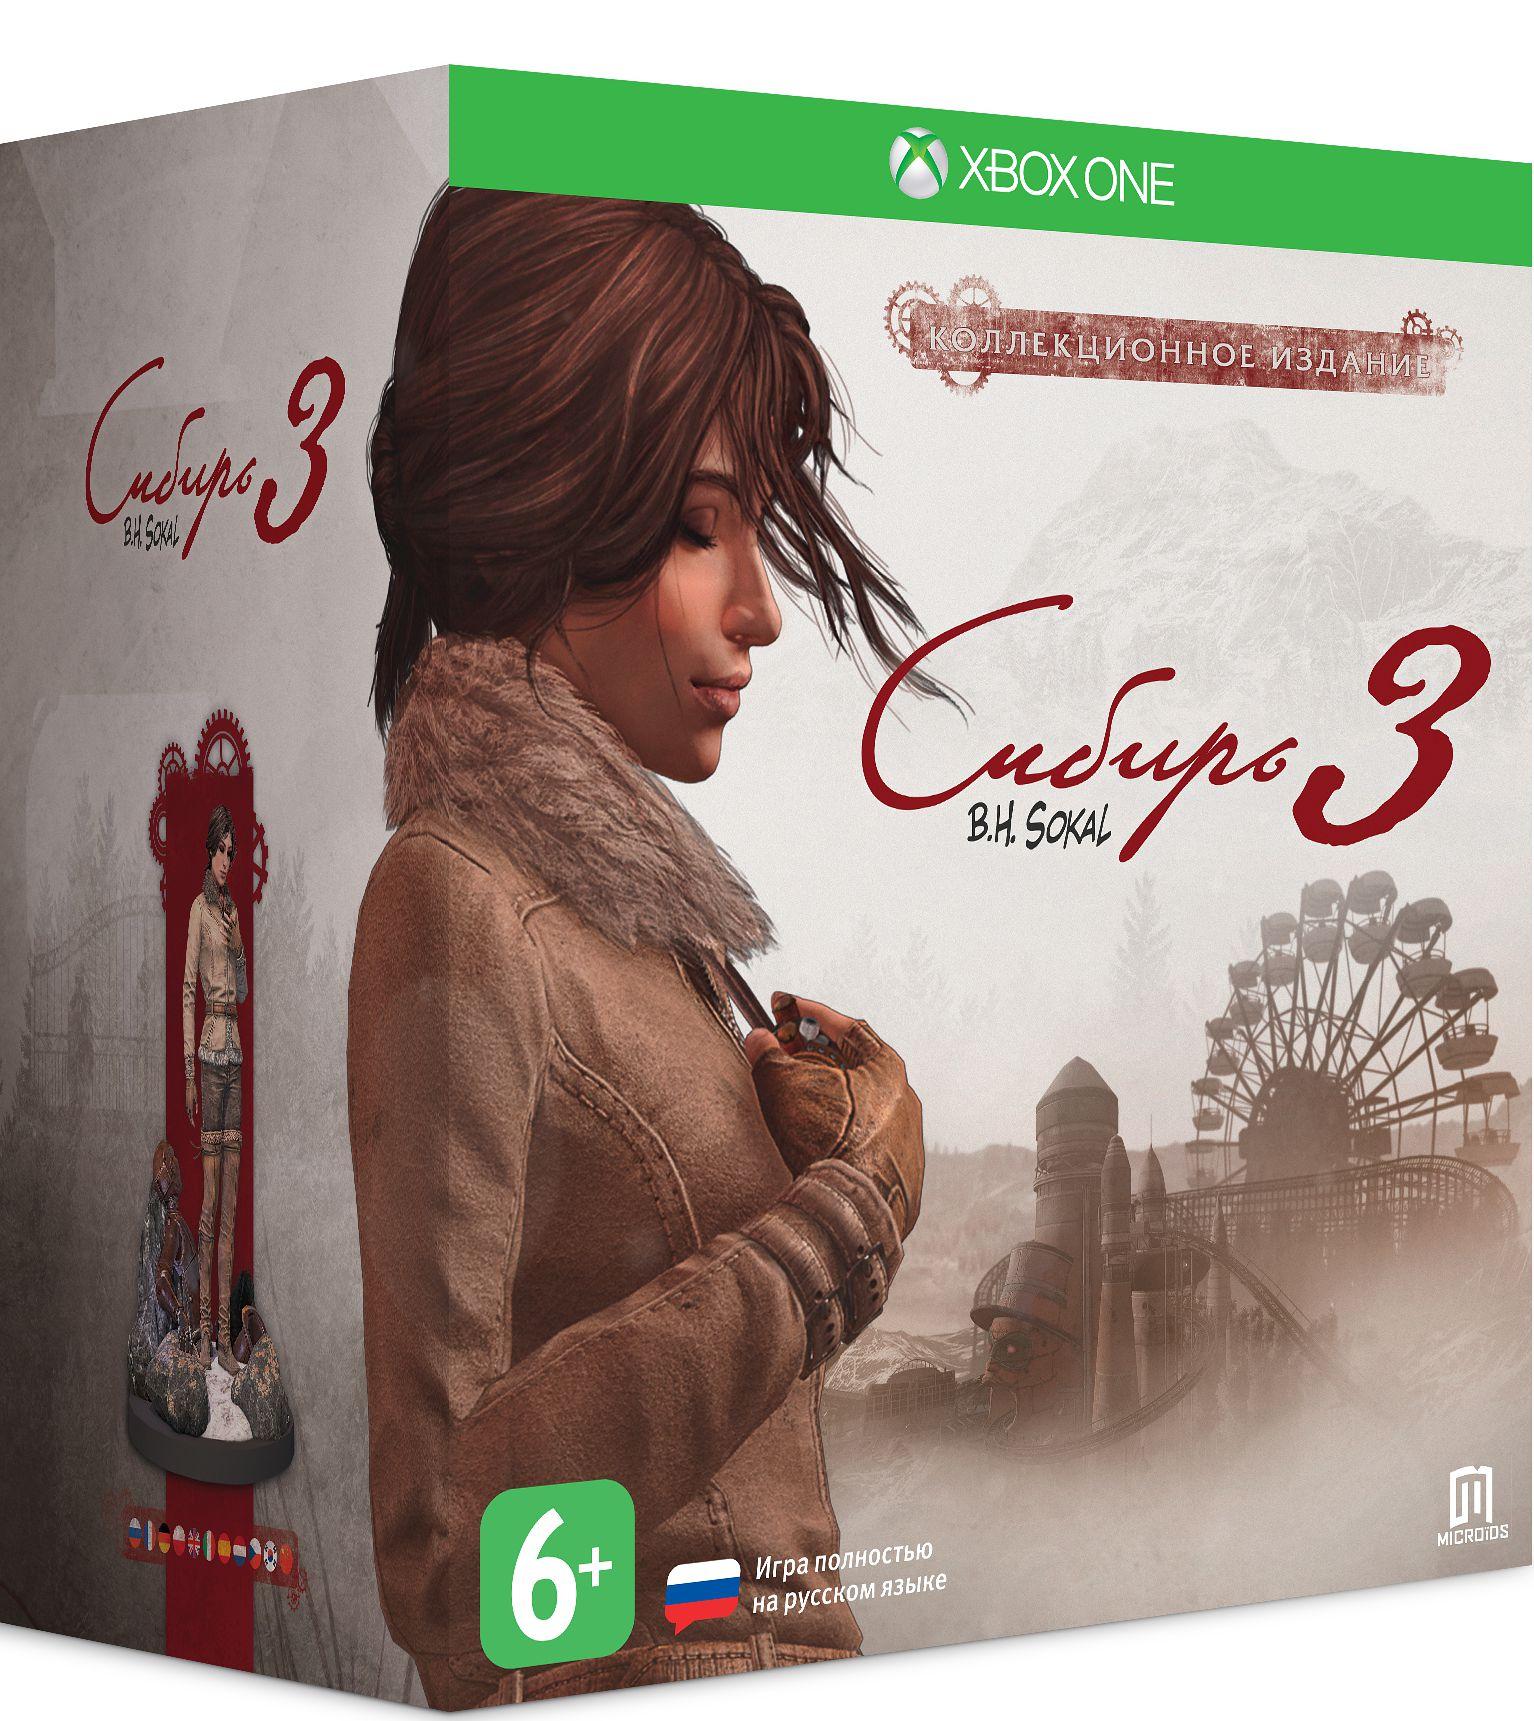 Сибирь 3. Коллекционное издание [Xbox One]Игра Сибирь 3 – совершенно новая история, непохожая на то, что вы могли видеть в первых двух играх серии Сибирь. Вас ждут захватывающее повествование и неповторимый художественный стиль Бенуа Сокаля.<br>